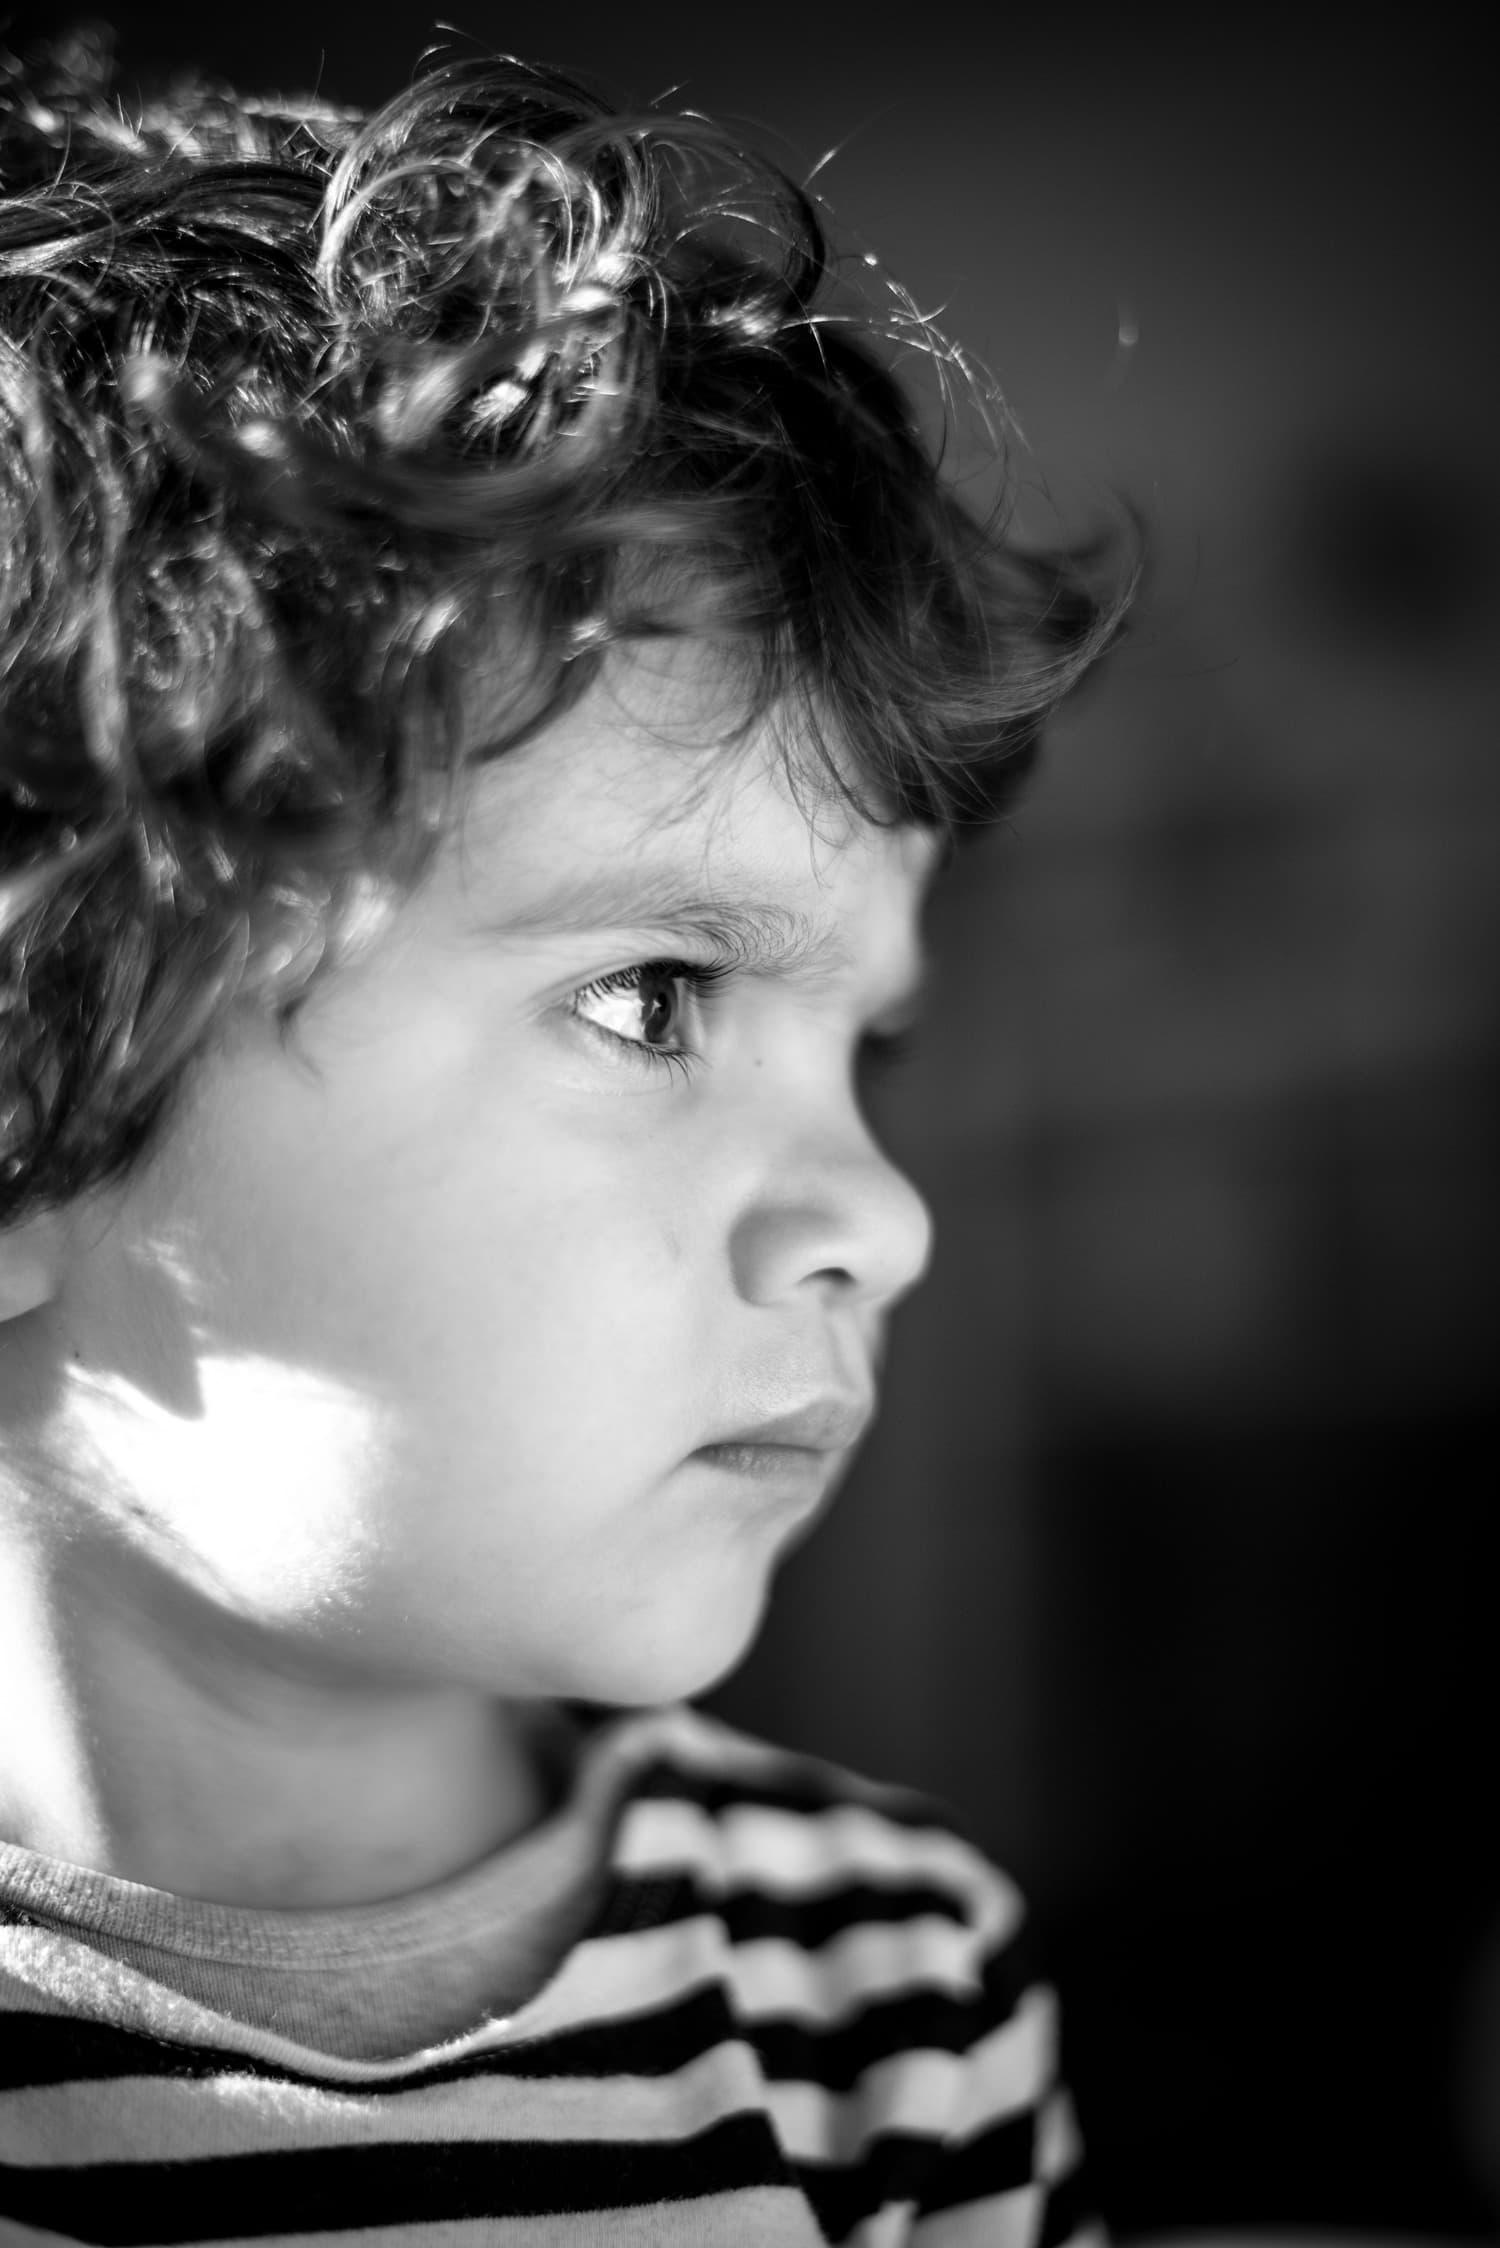 retrato de un niño en blanco y negro